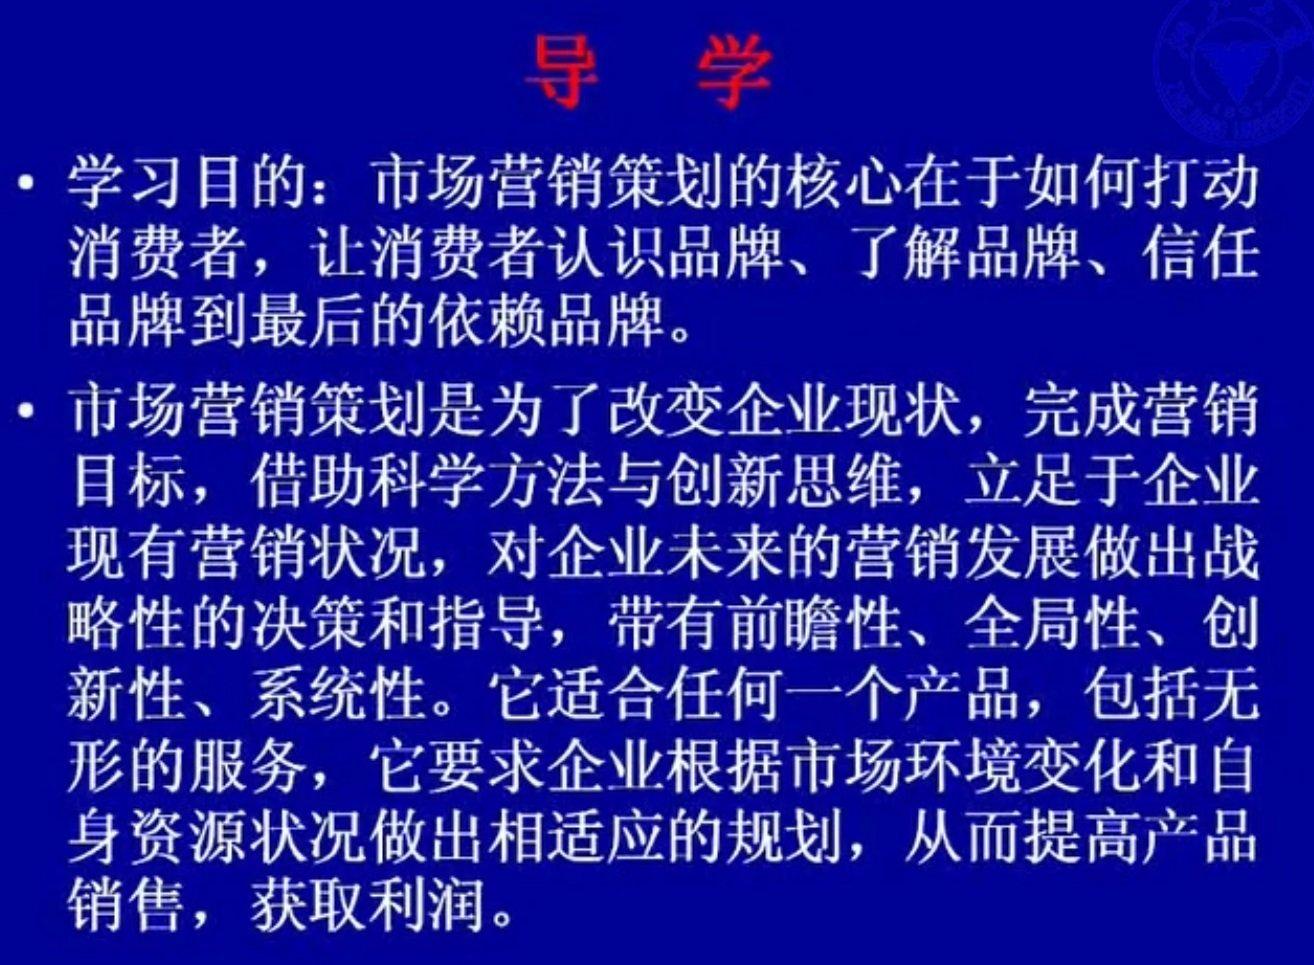 【9420-251】市場營銷策劃(市場行銷企劃) 教學影片(MP4檔案格式) - ( 33 堂課 ) 330元 !